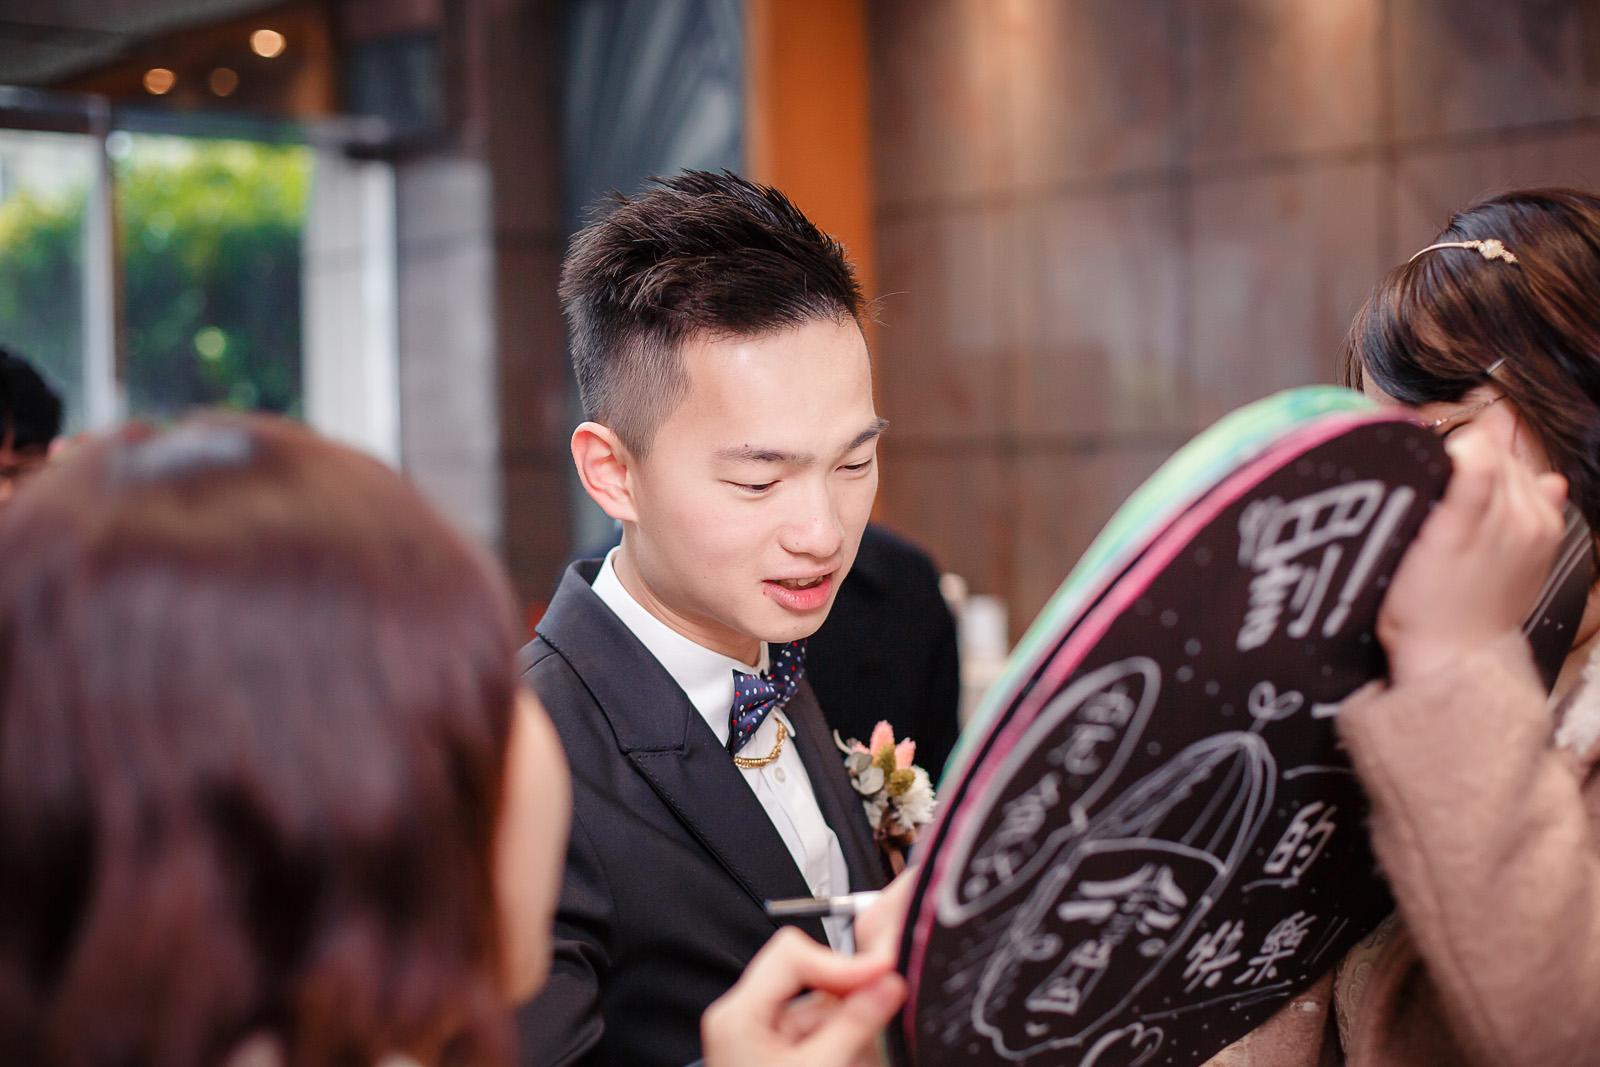 高雄圓山飯店,婚禮攝影,婚攝,高雄婚攝,優質婚攝推薦,Jen&Ethan-107